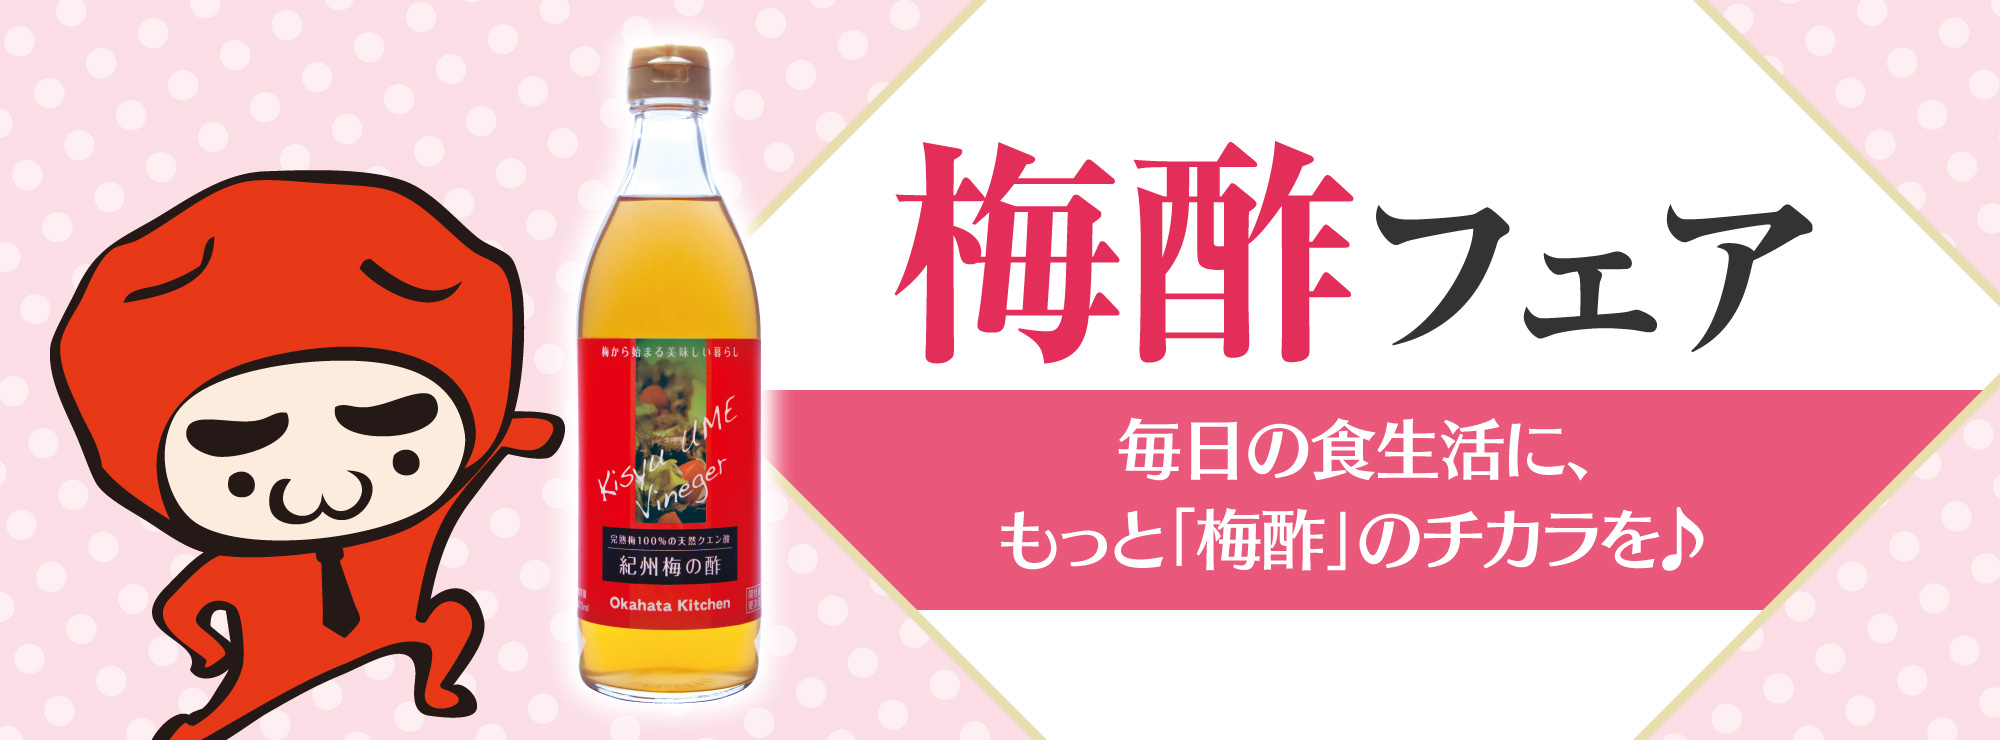 梅酢フェア